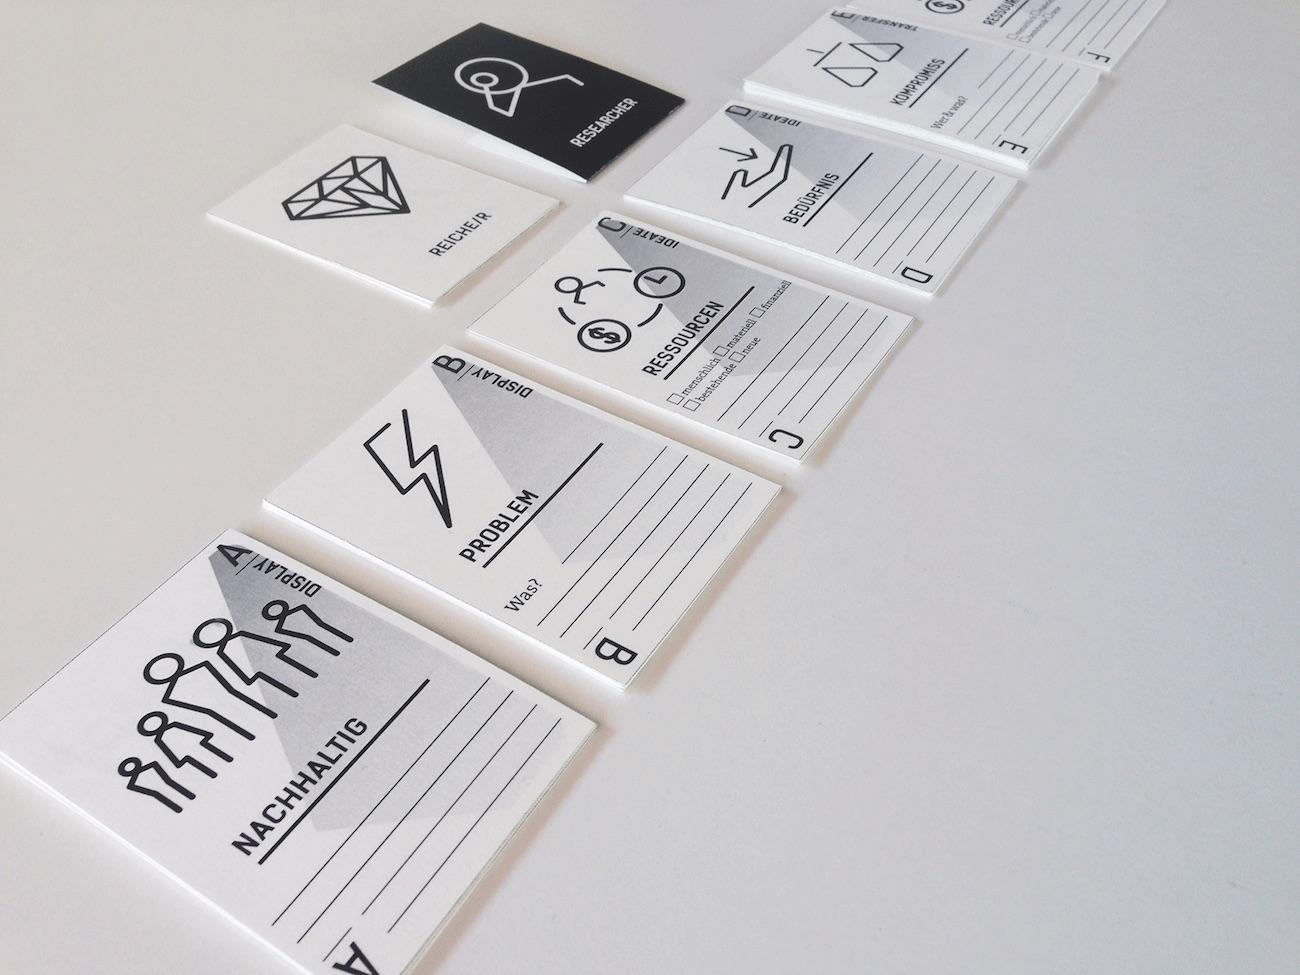 Methodenkarten Design für soziale Projekte